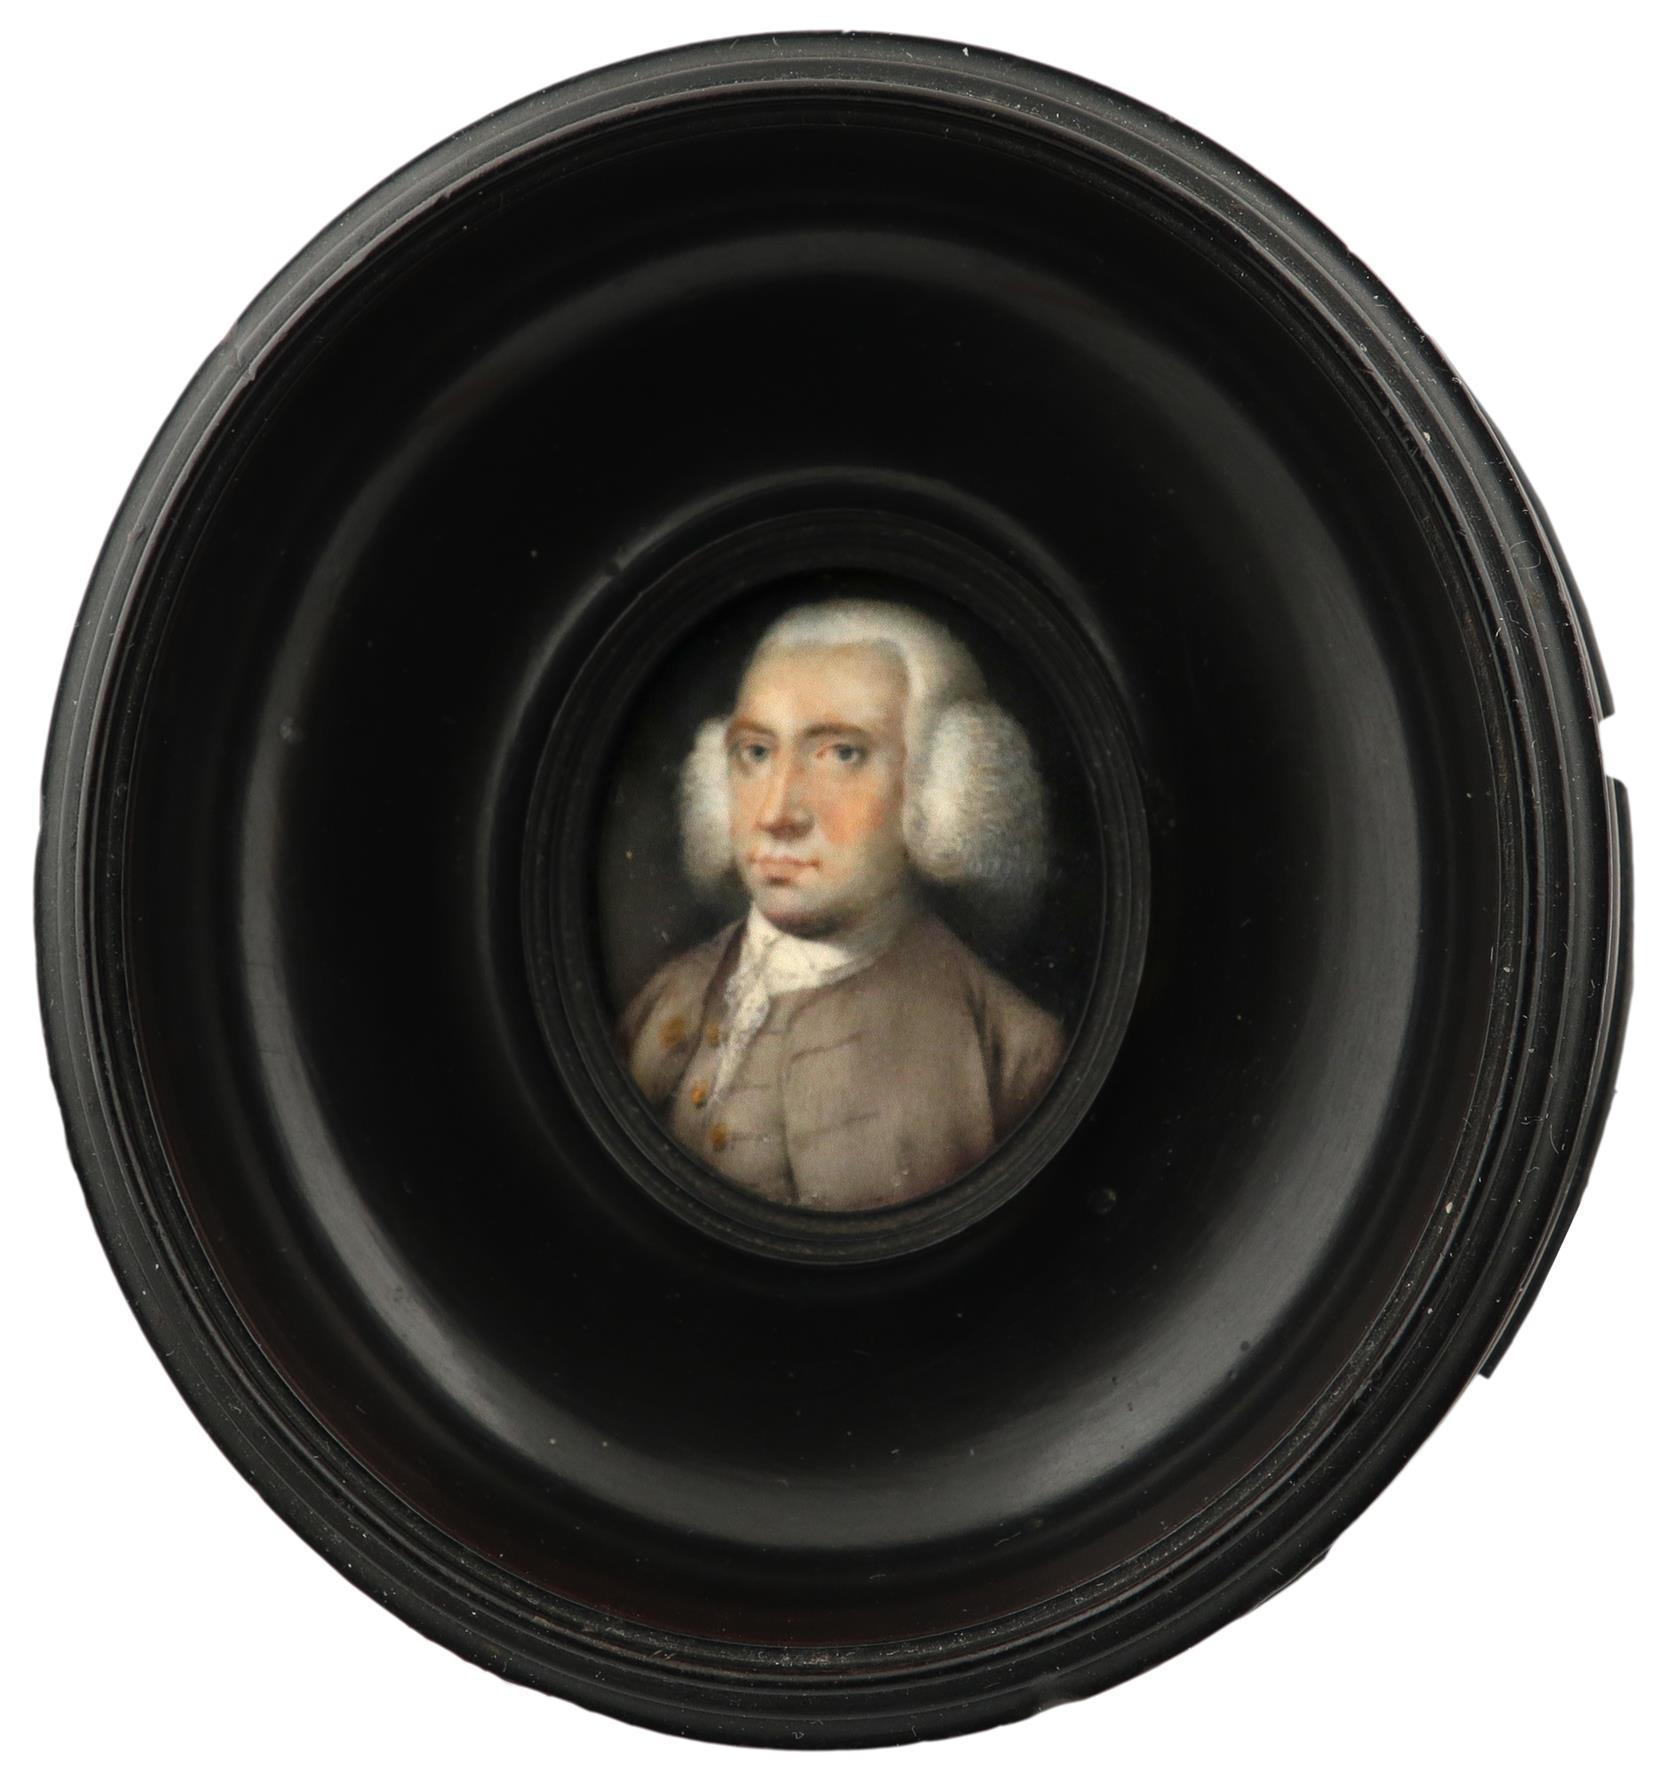 λAttributed to Robert Bowyer (1758-1834) Portrait miniature of a gentleman, wearing a grey coat - Image 2 of 3